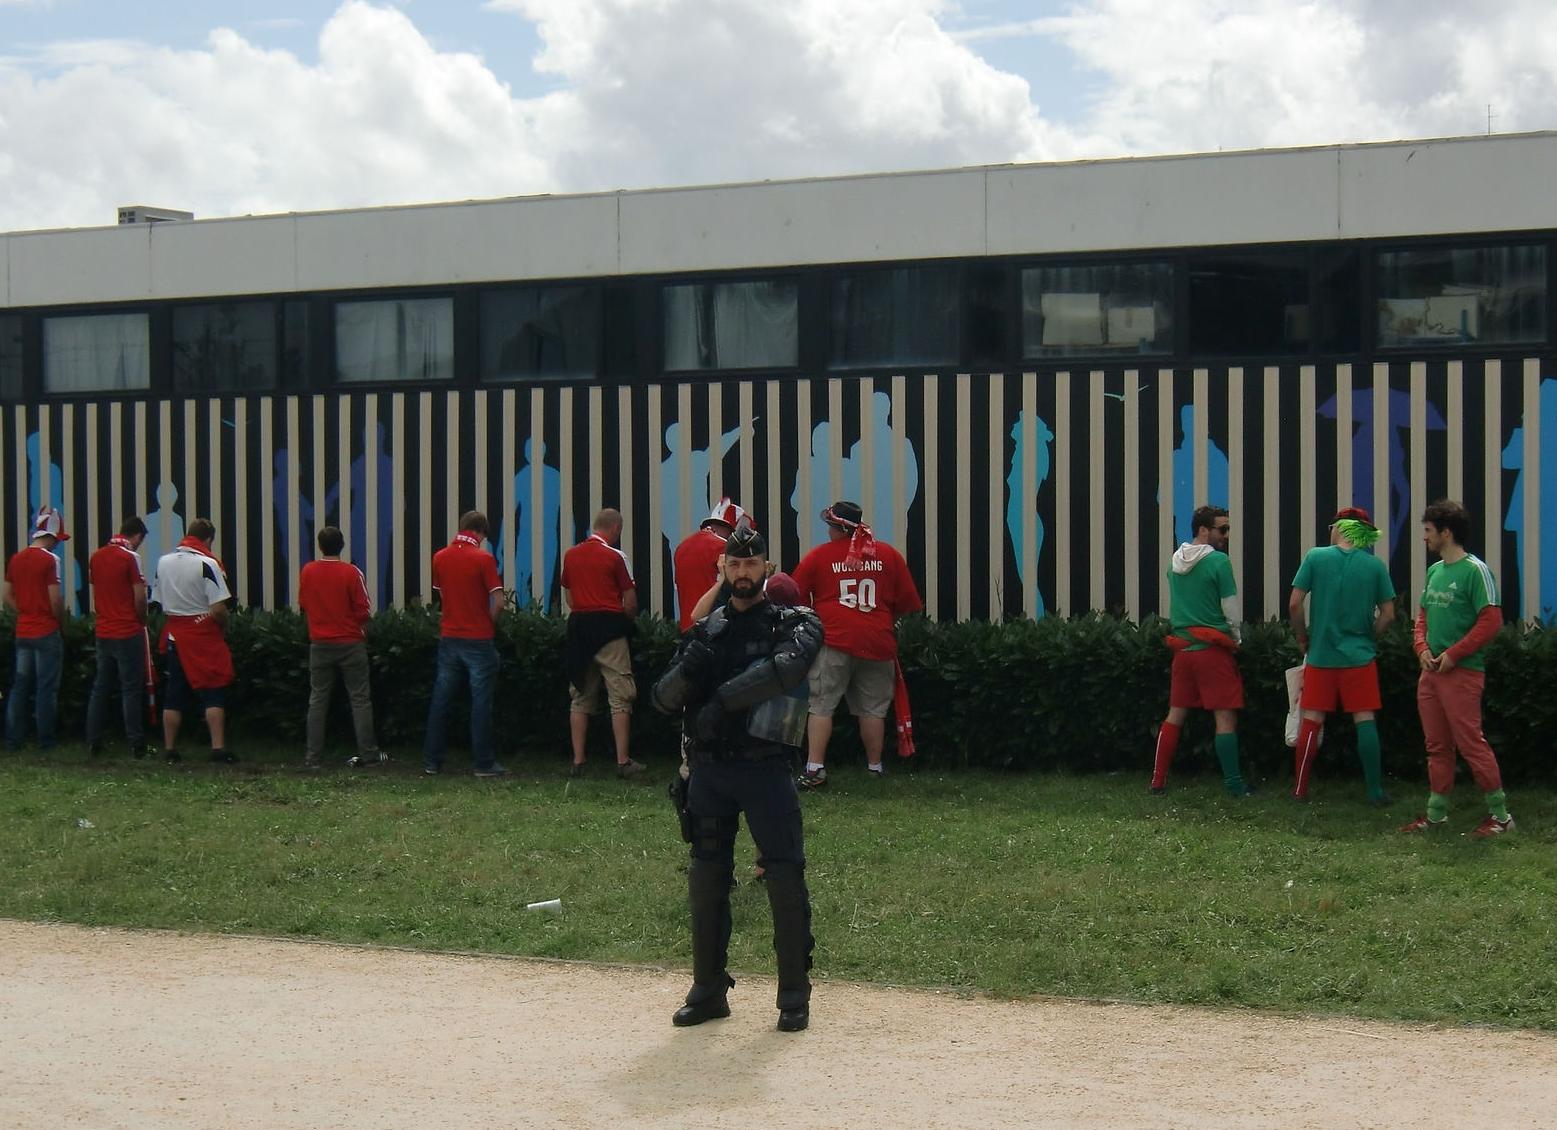 Bild von Fussballfans die ihr kleines Gescäft vor dem Spiel an einem Zaun verrichten